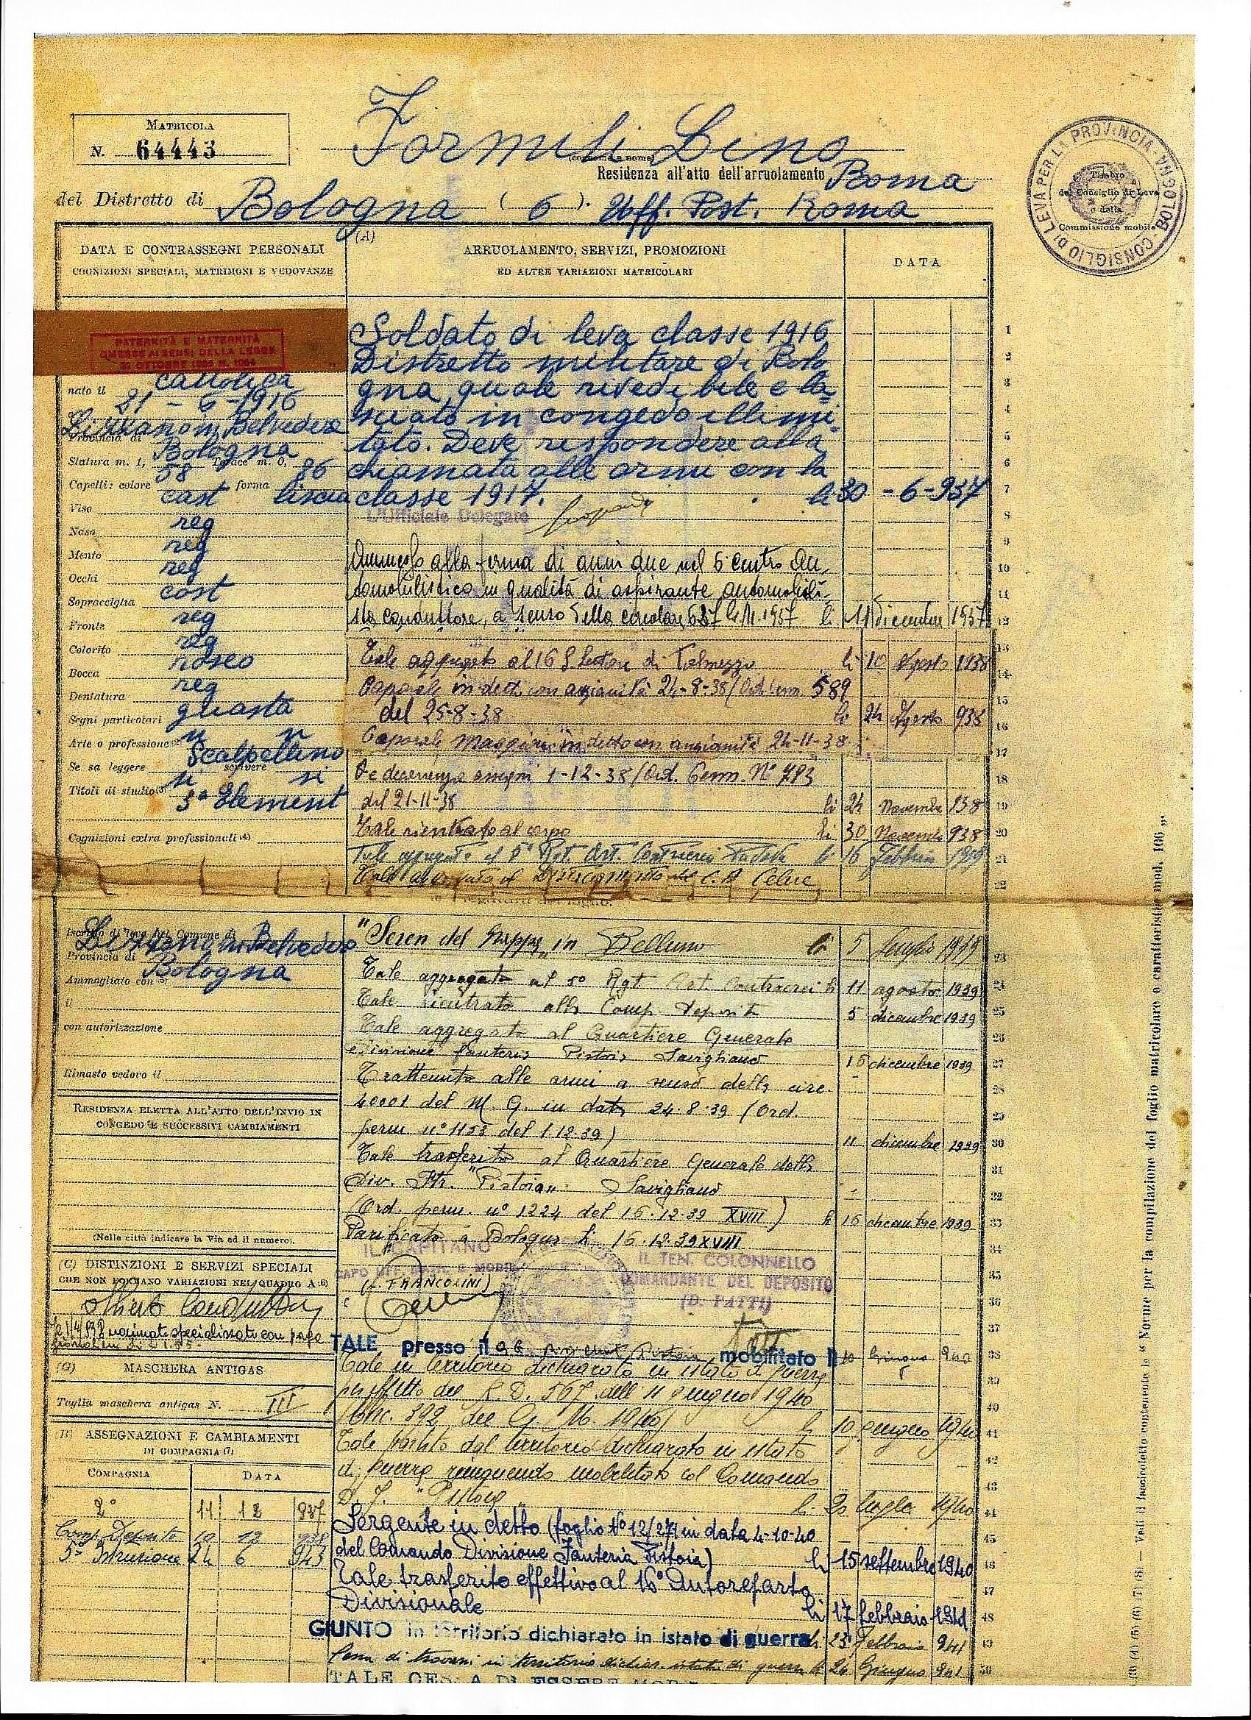 Parte della matricola militare n°. 64443 di Formili Lino.